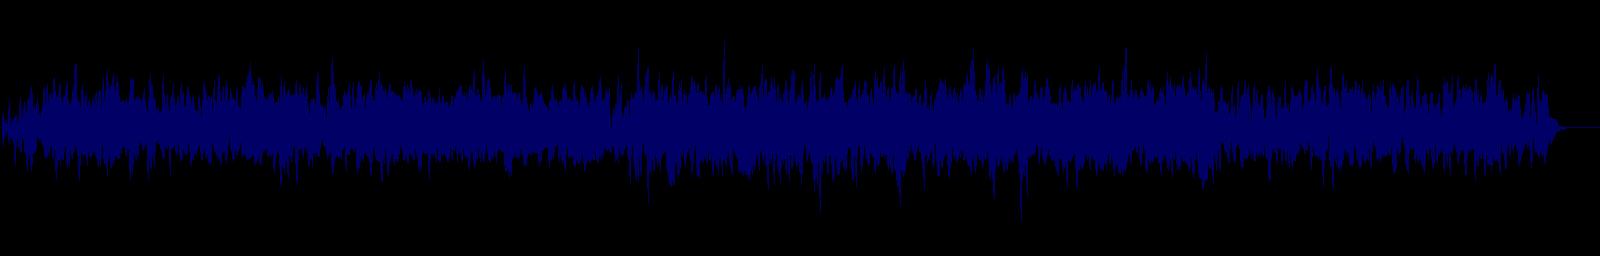 waveform of track #110746